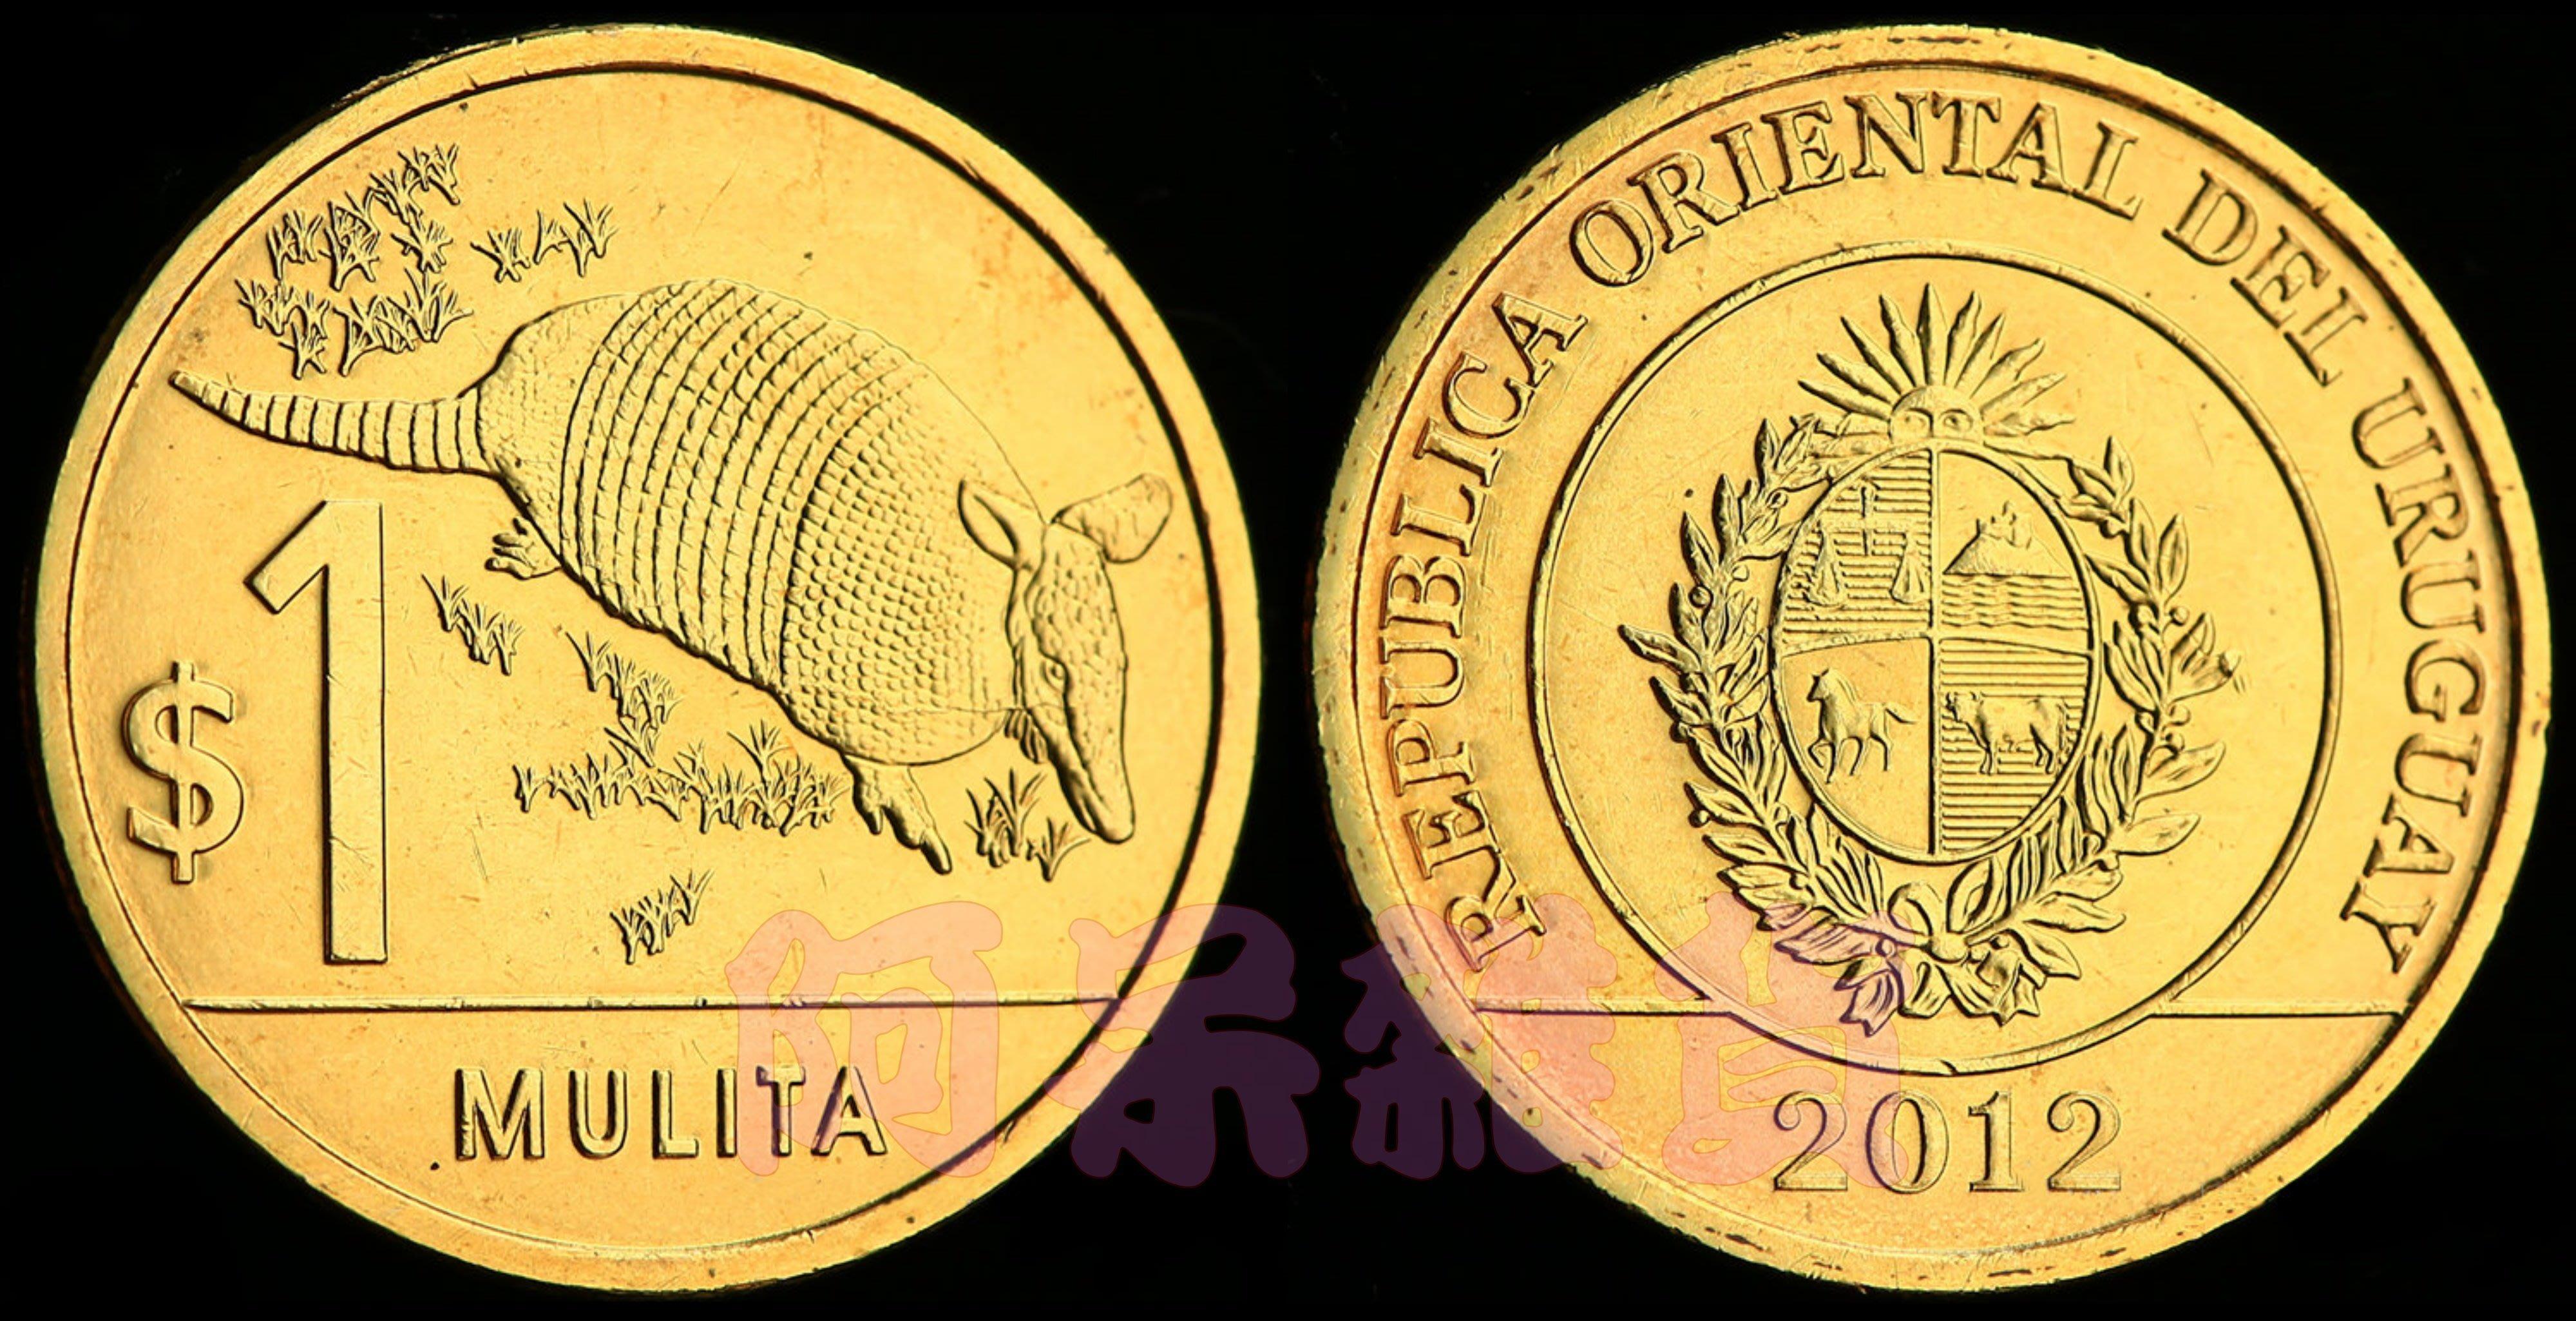 森羅本舖 現貨全新真幣 烏拉圭 犰狳 1比索 2012年 精美小動物 國徽 穿山甲